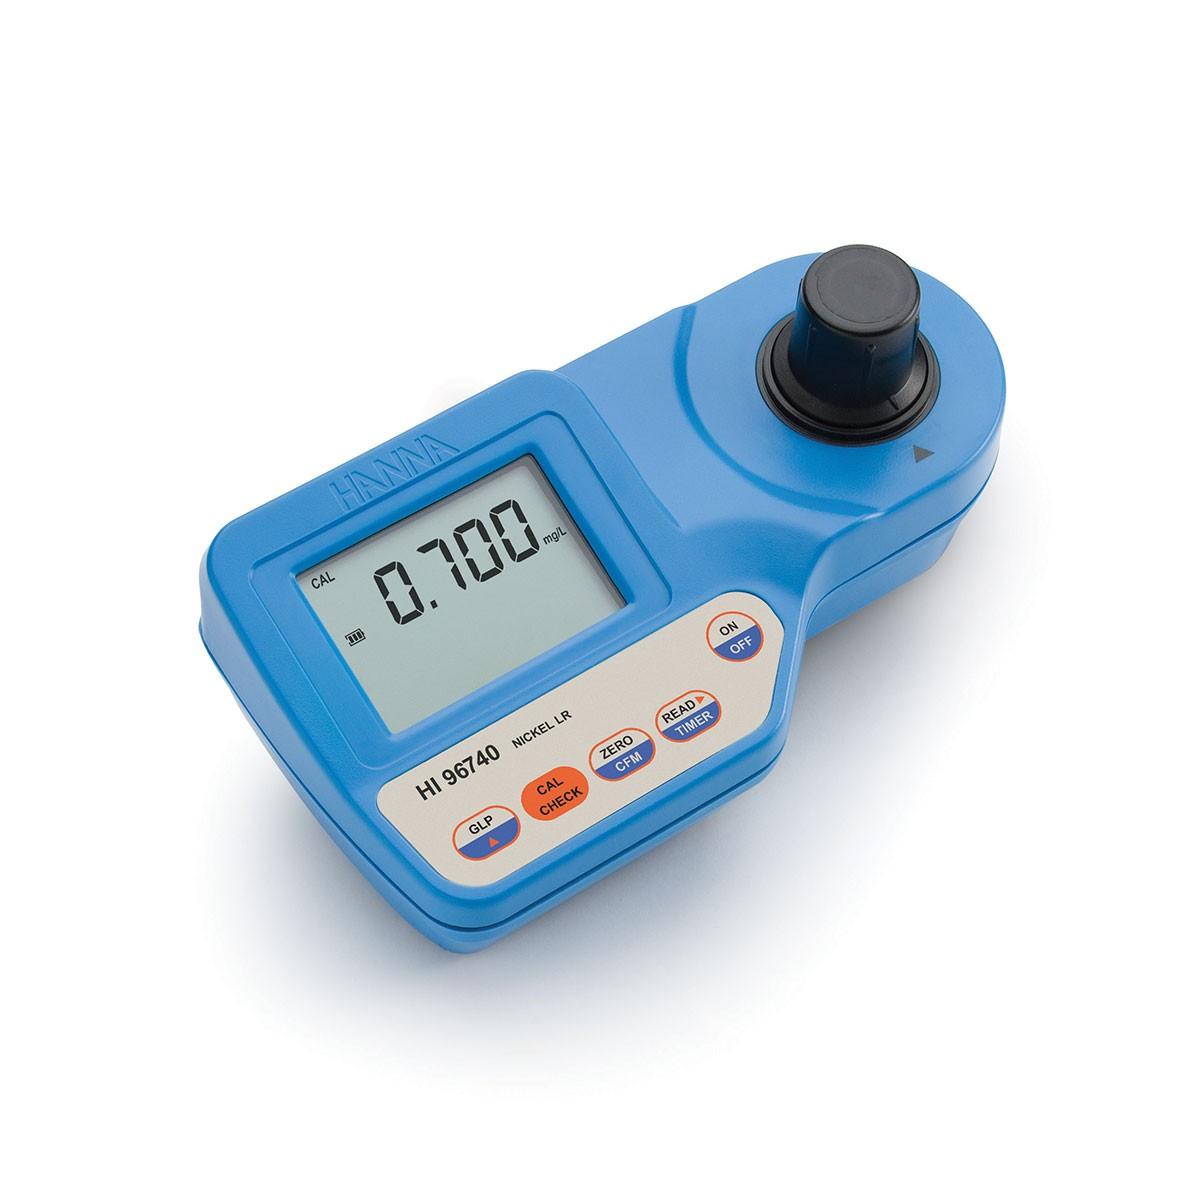 HI96740 - Nikel Düşük Aralıklı Taşınabilir Fotometre